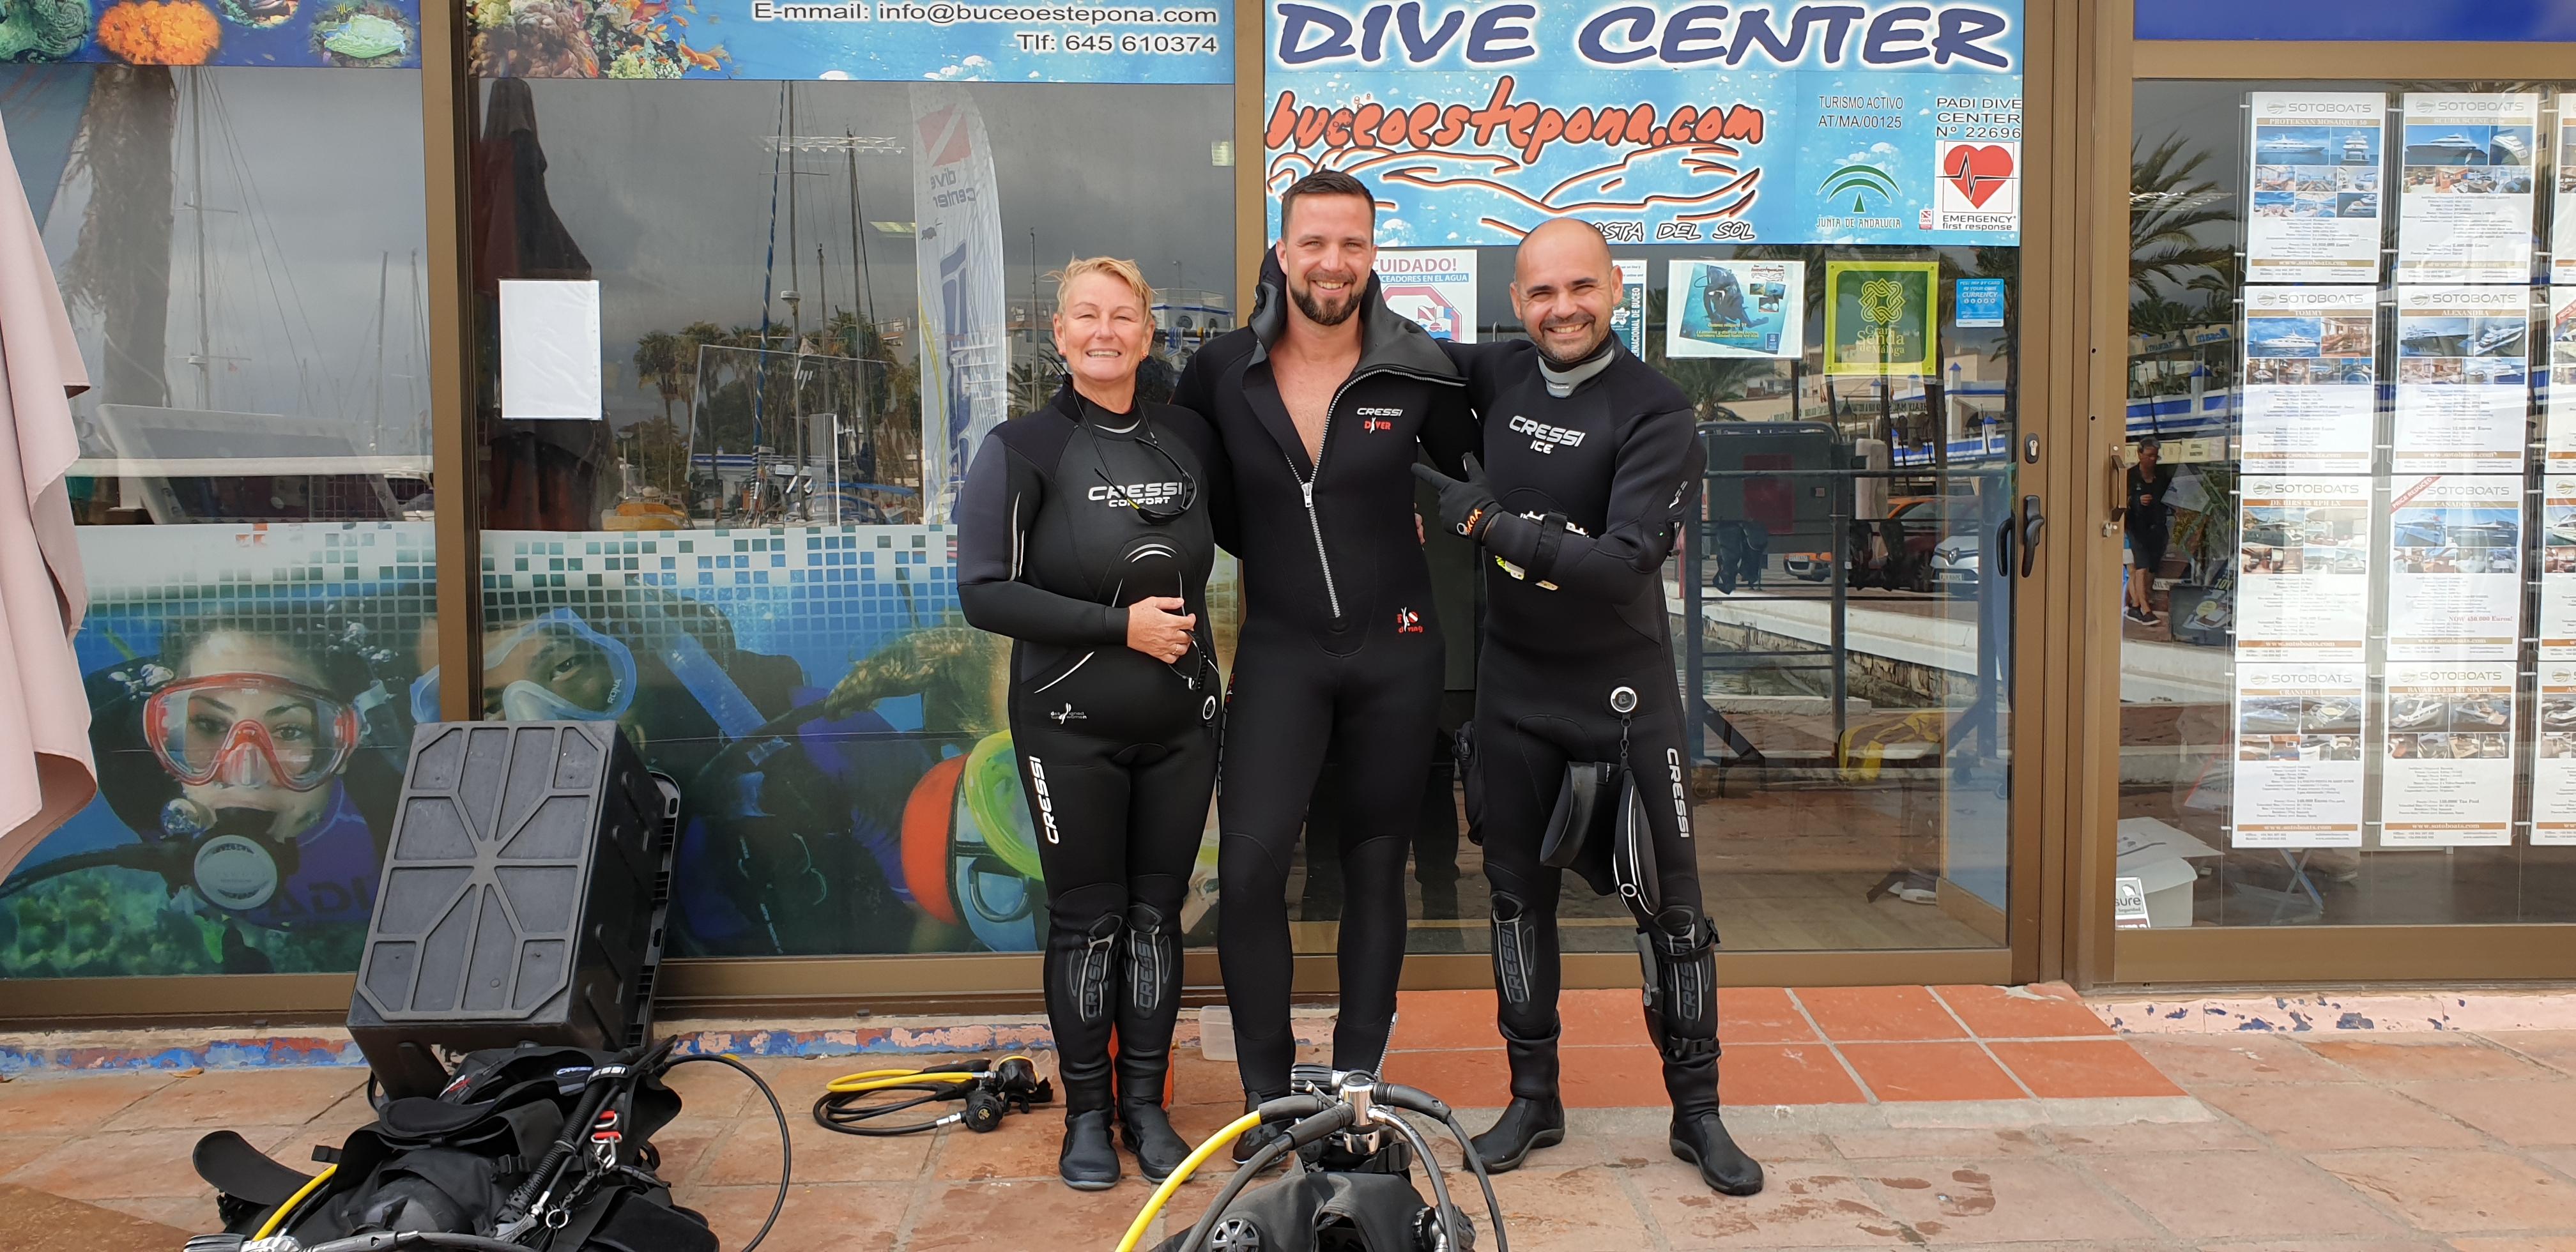 Buceador BuceoEstepona Diver plongeur